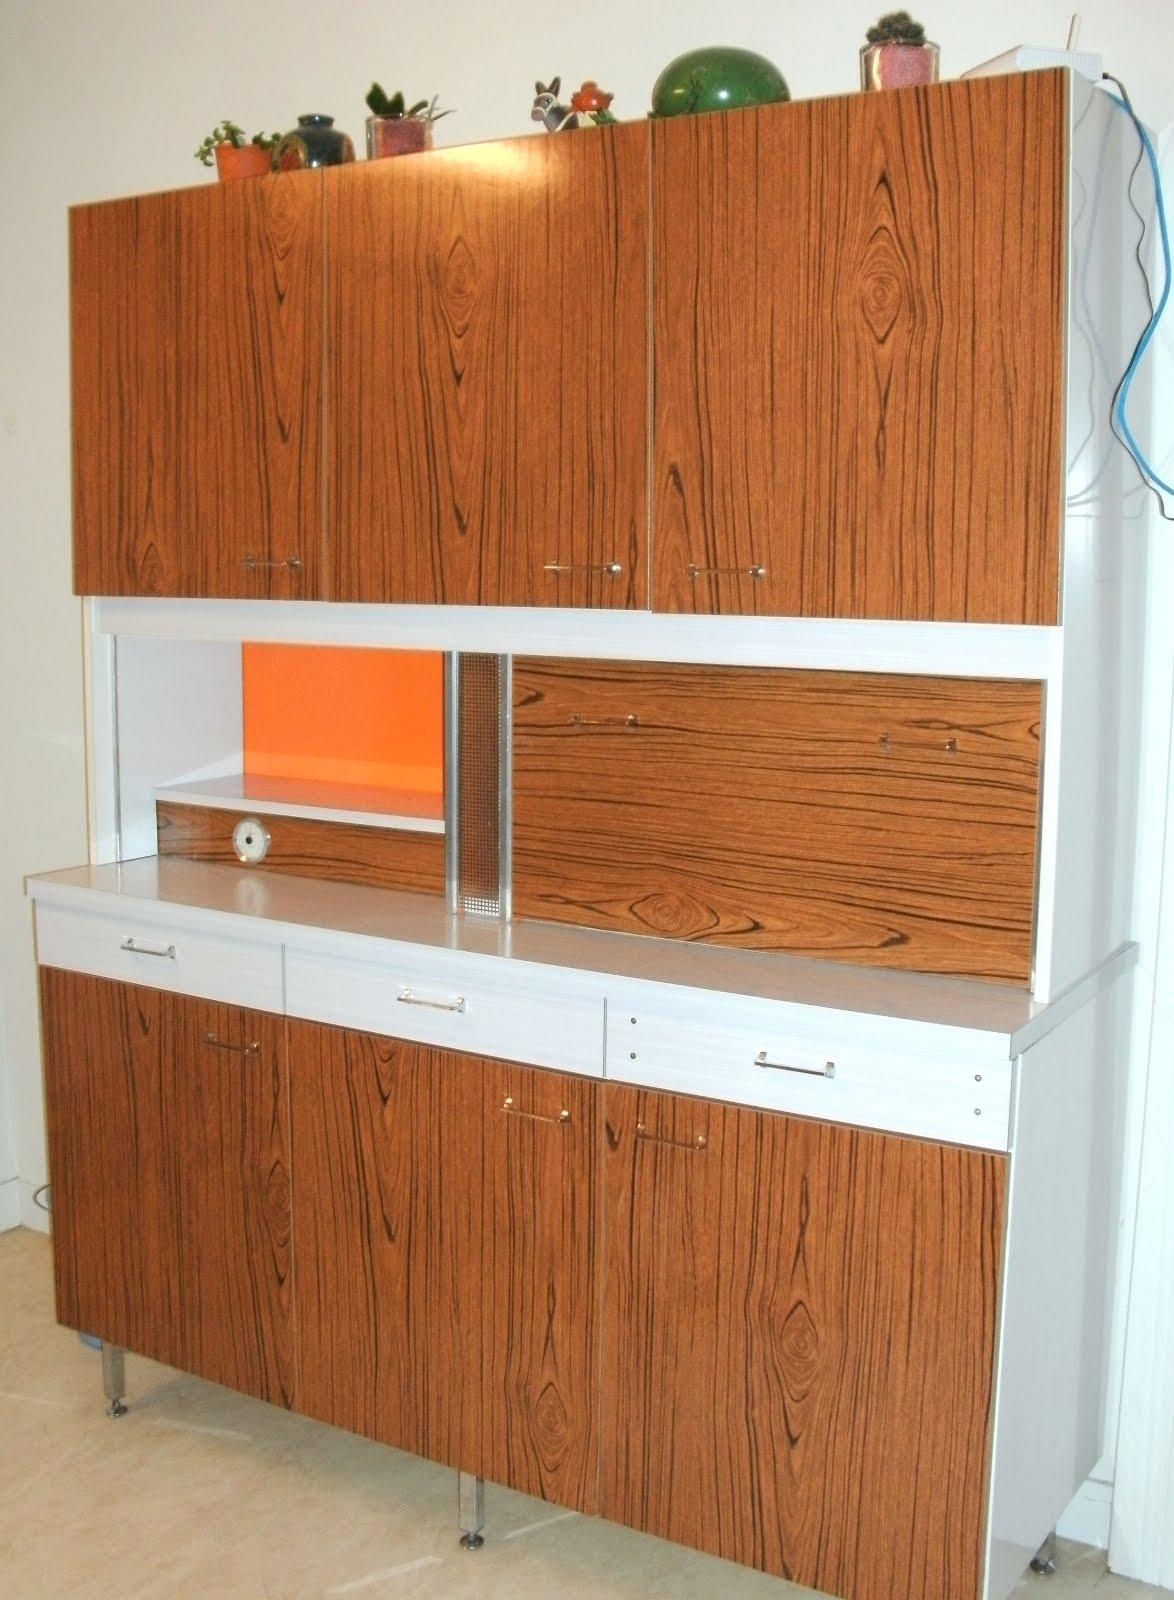 customiser meuble cuisine formica meuble de salon contemporain. Black Bedroom Furniture Sets. Home Design Ideas